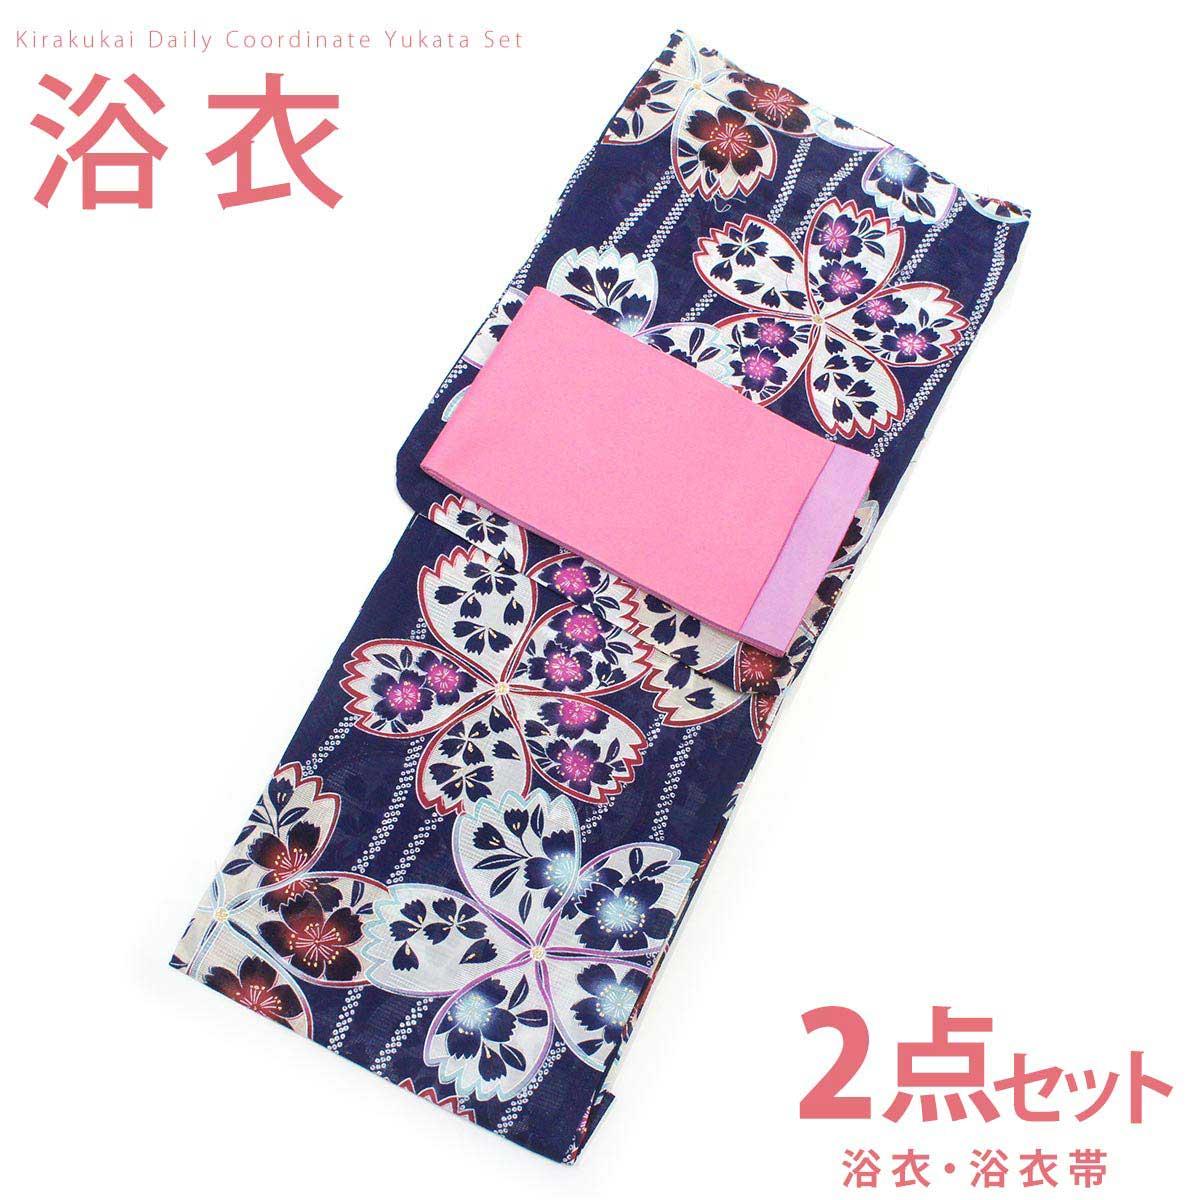 ■レディース 浴衣 2点 セット Fサイズ 古典桜(紺)の浴衣、ピンク×薄紫の単衣帯 [y0851] ゆかた 変わり織り セット コーディネート 帯 【RCP】